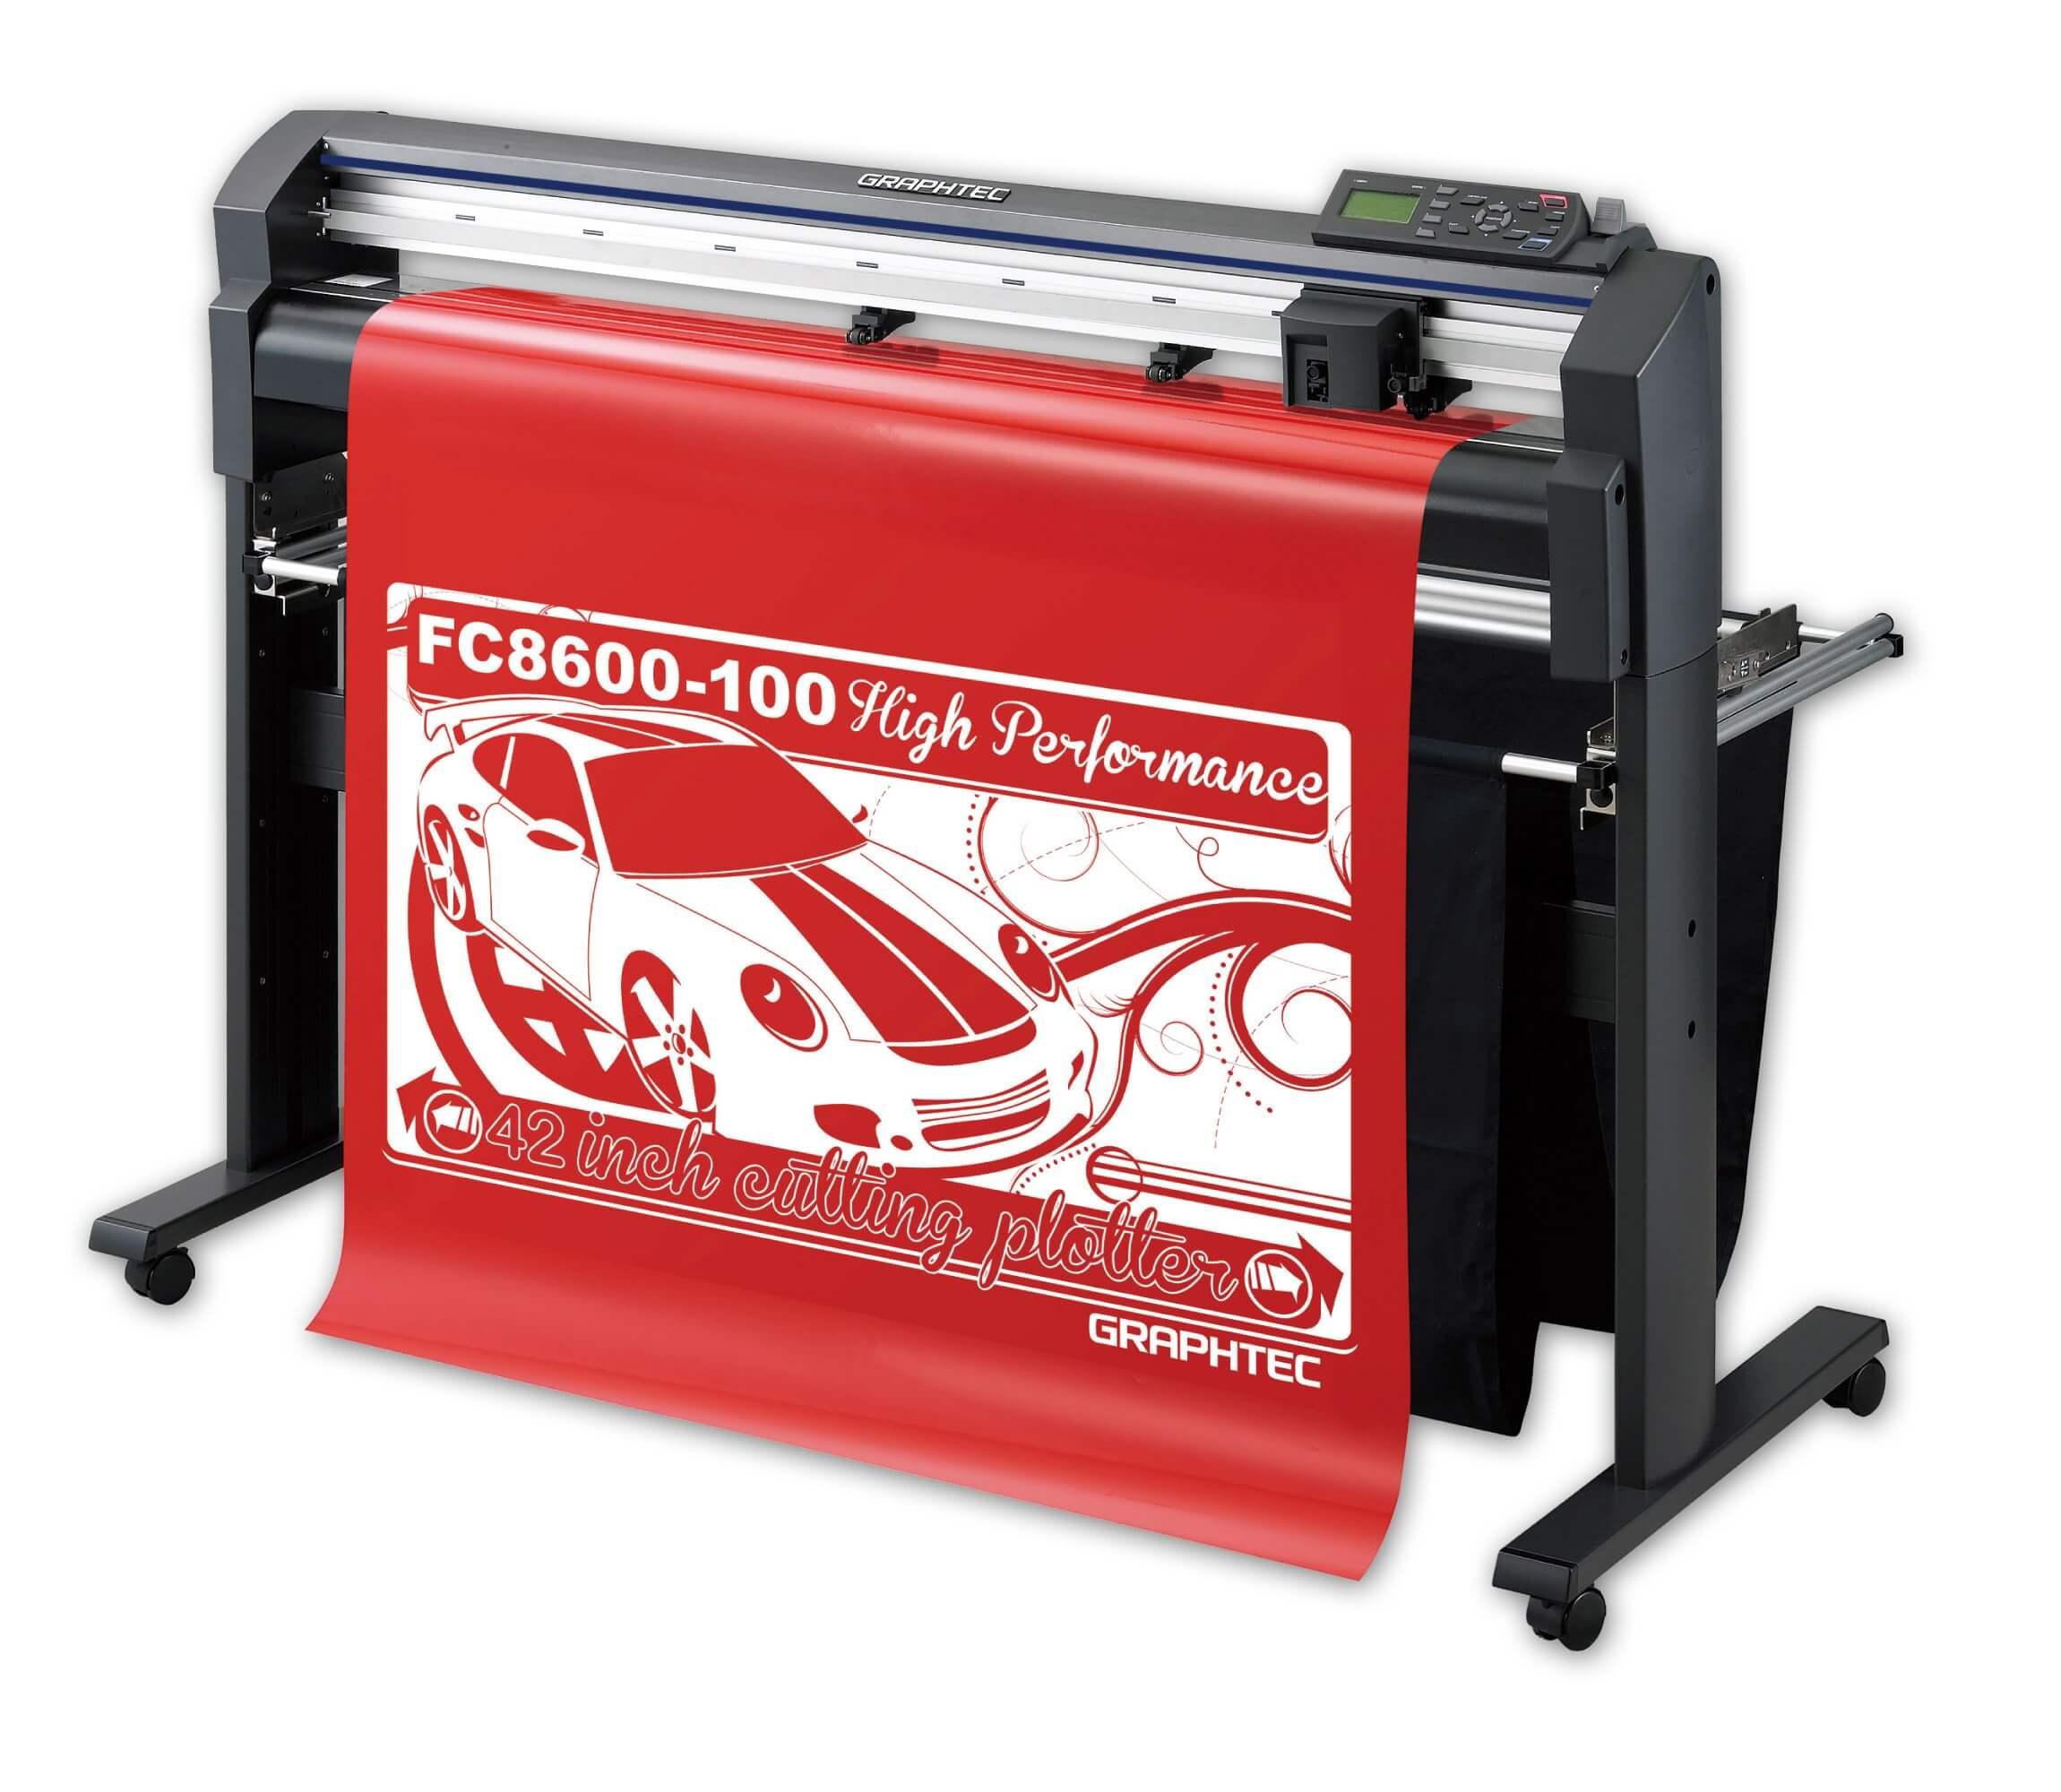 Режущий плоттер Graphtec FC8600-100 со стендом и корзиной